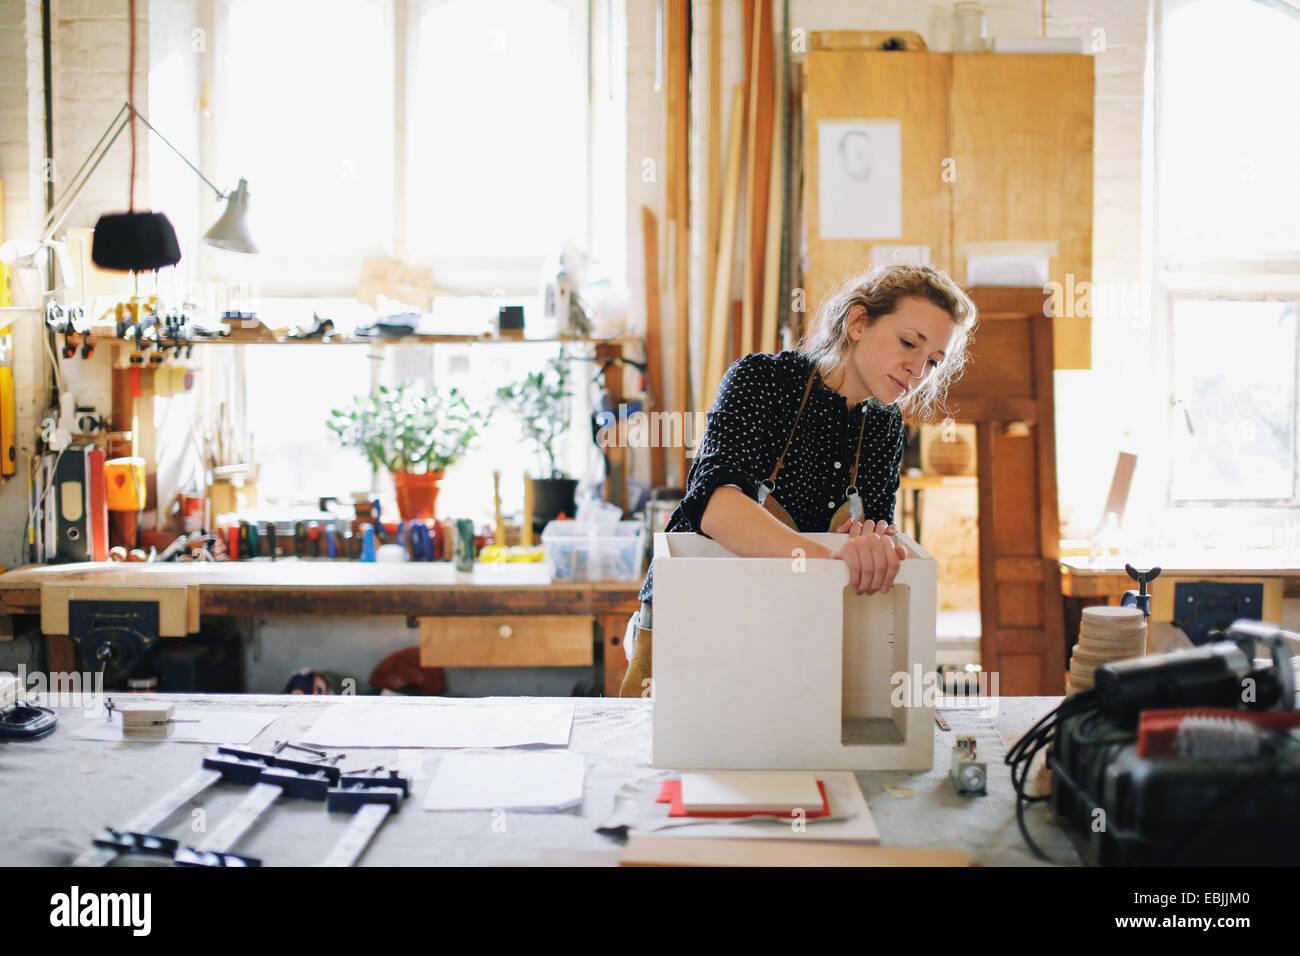 Joven artesana comprobación de componentes en taller de órgano de tubos Imagen De Stock